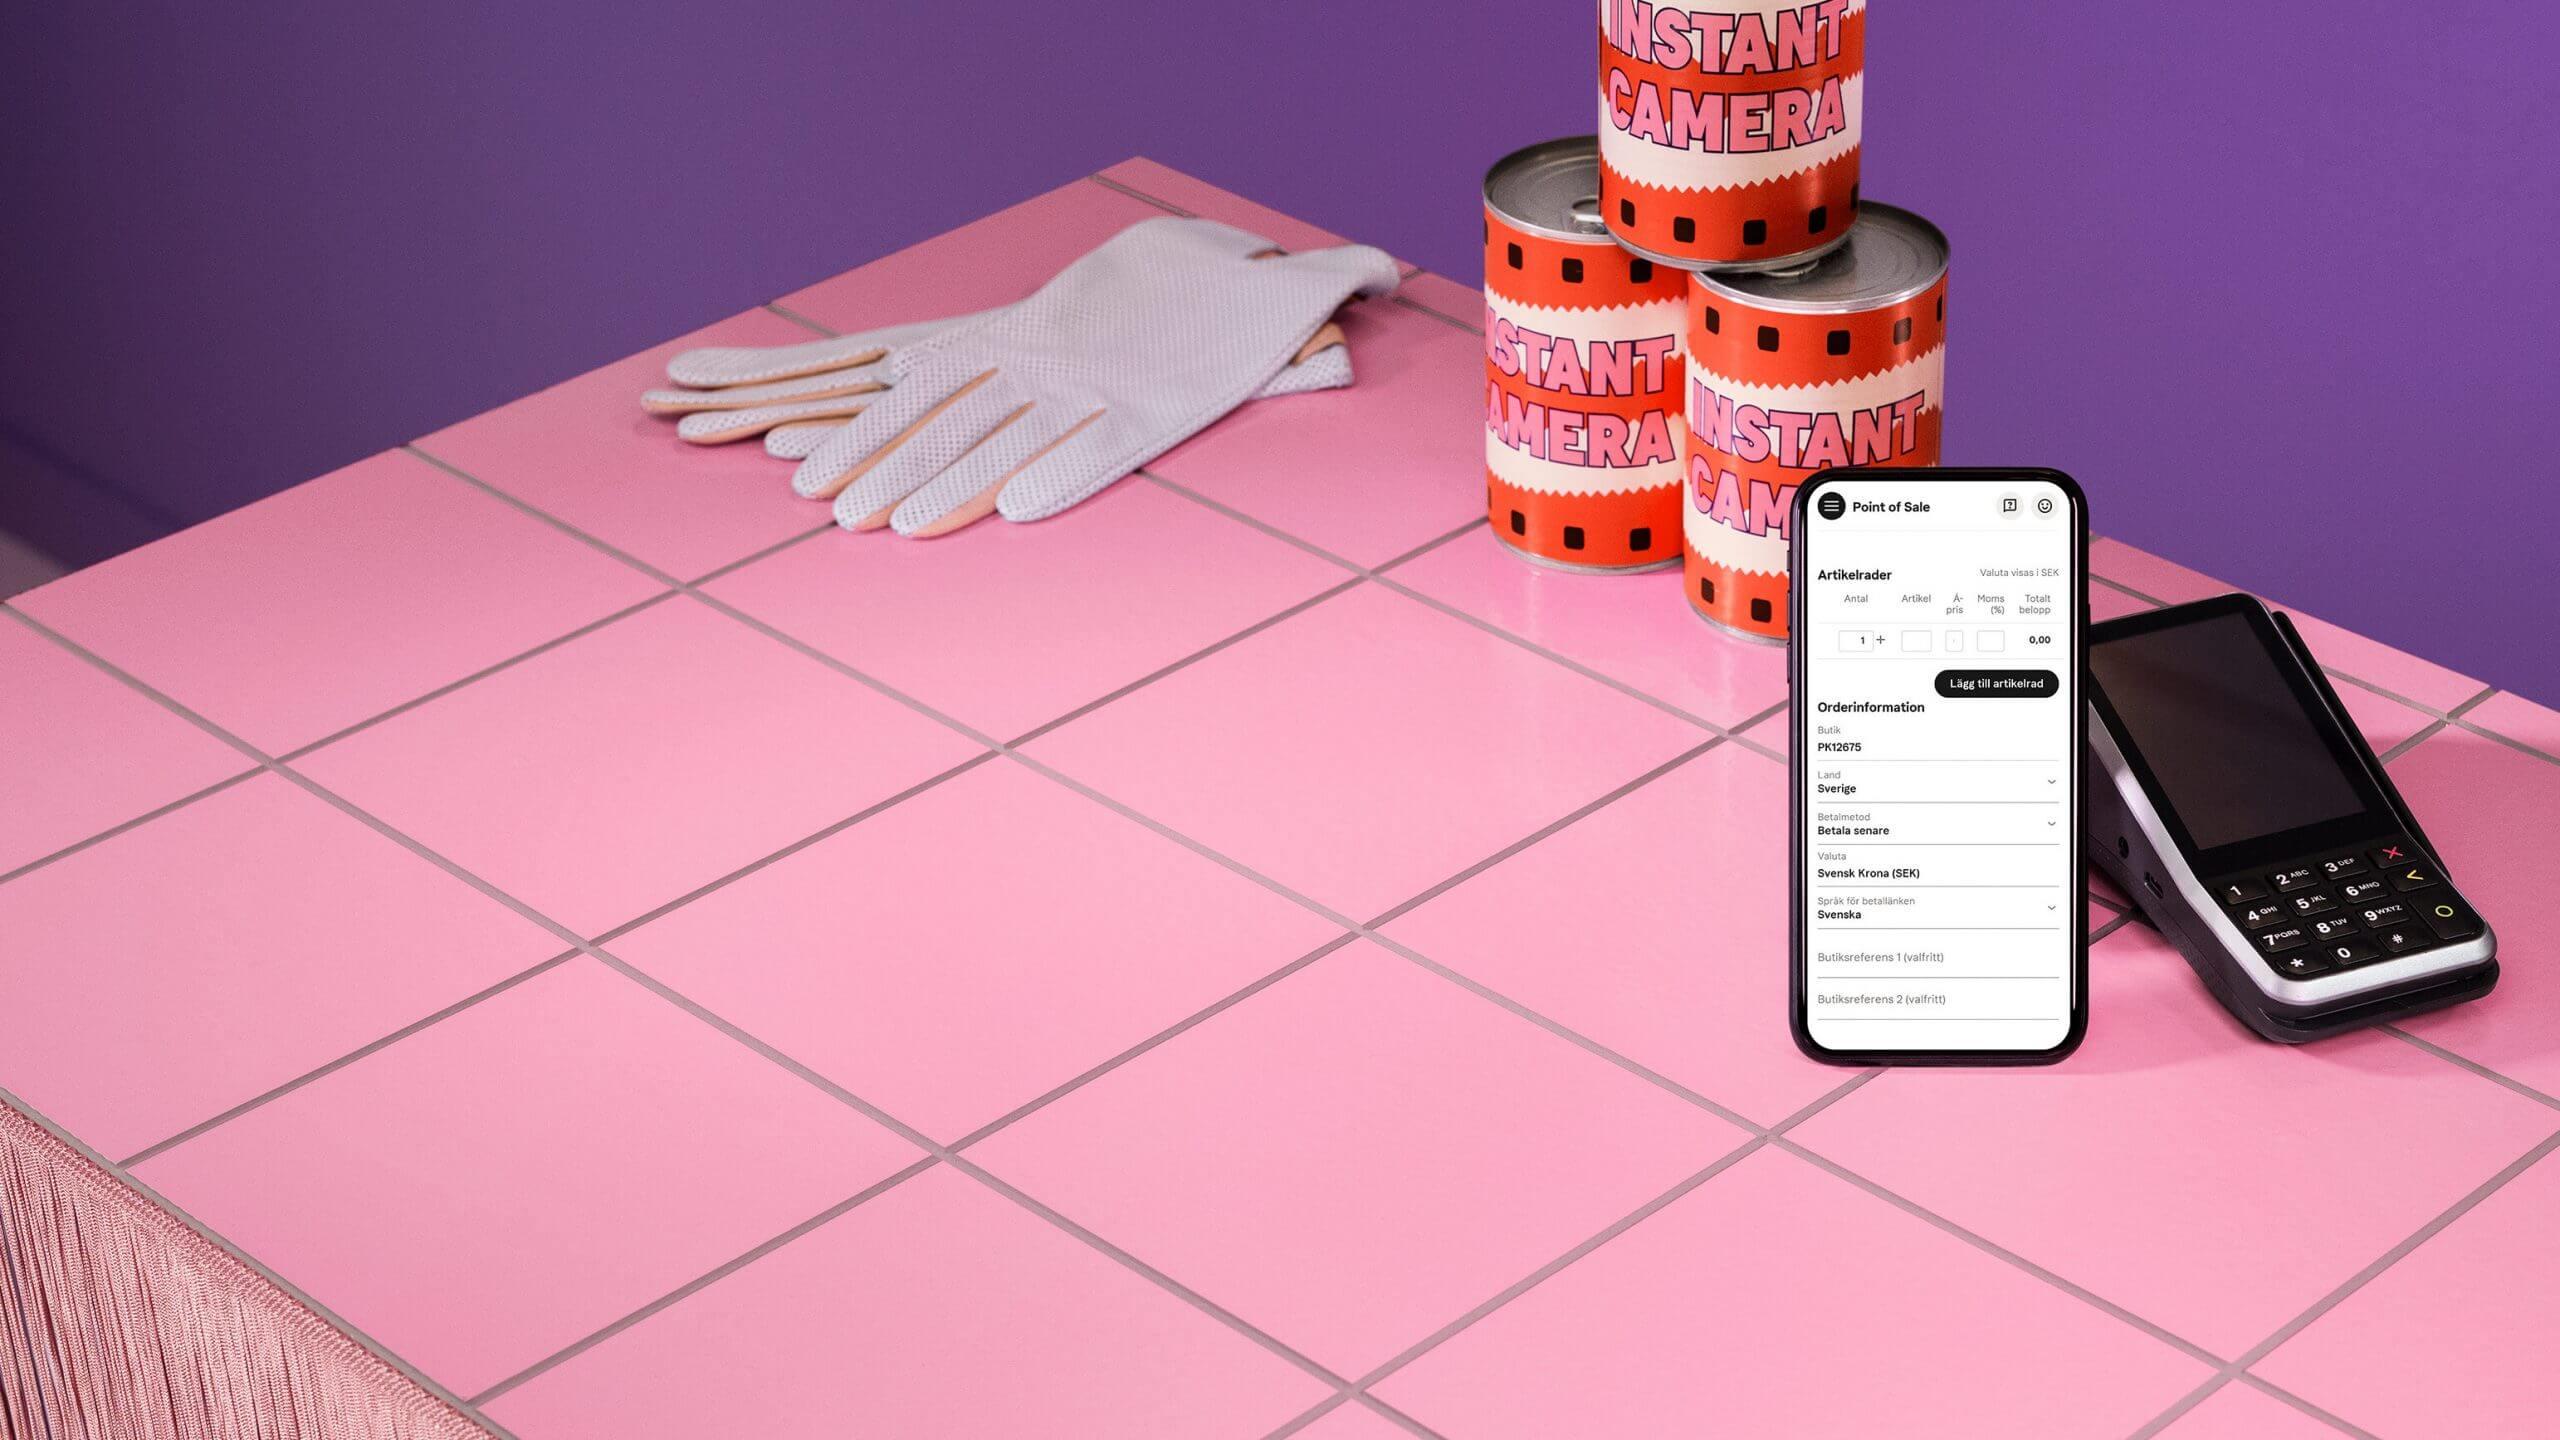 Point of sale appen i butiksportalen visas på telefonskärm, telefonen placerad rosa kakel